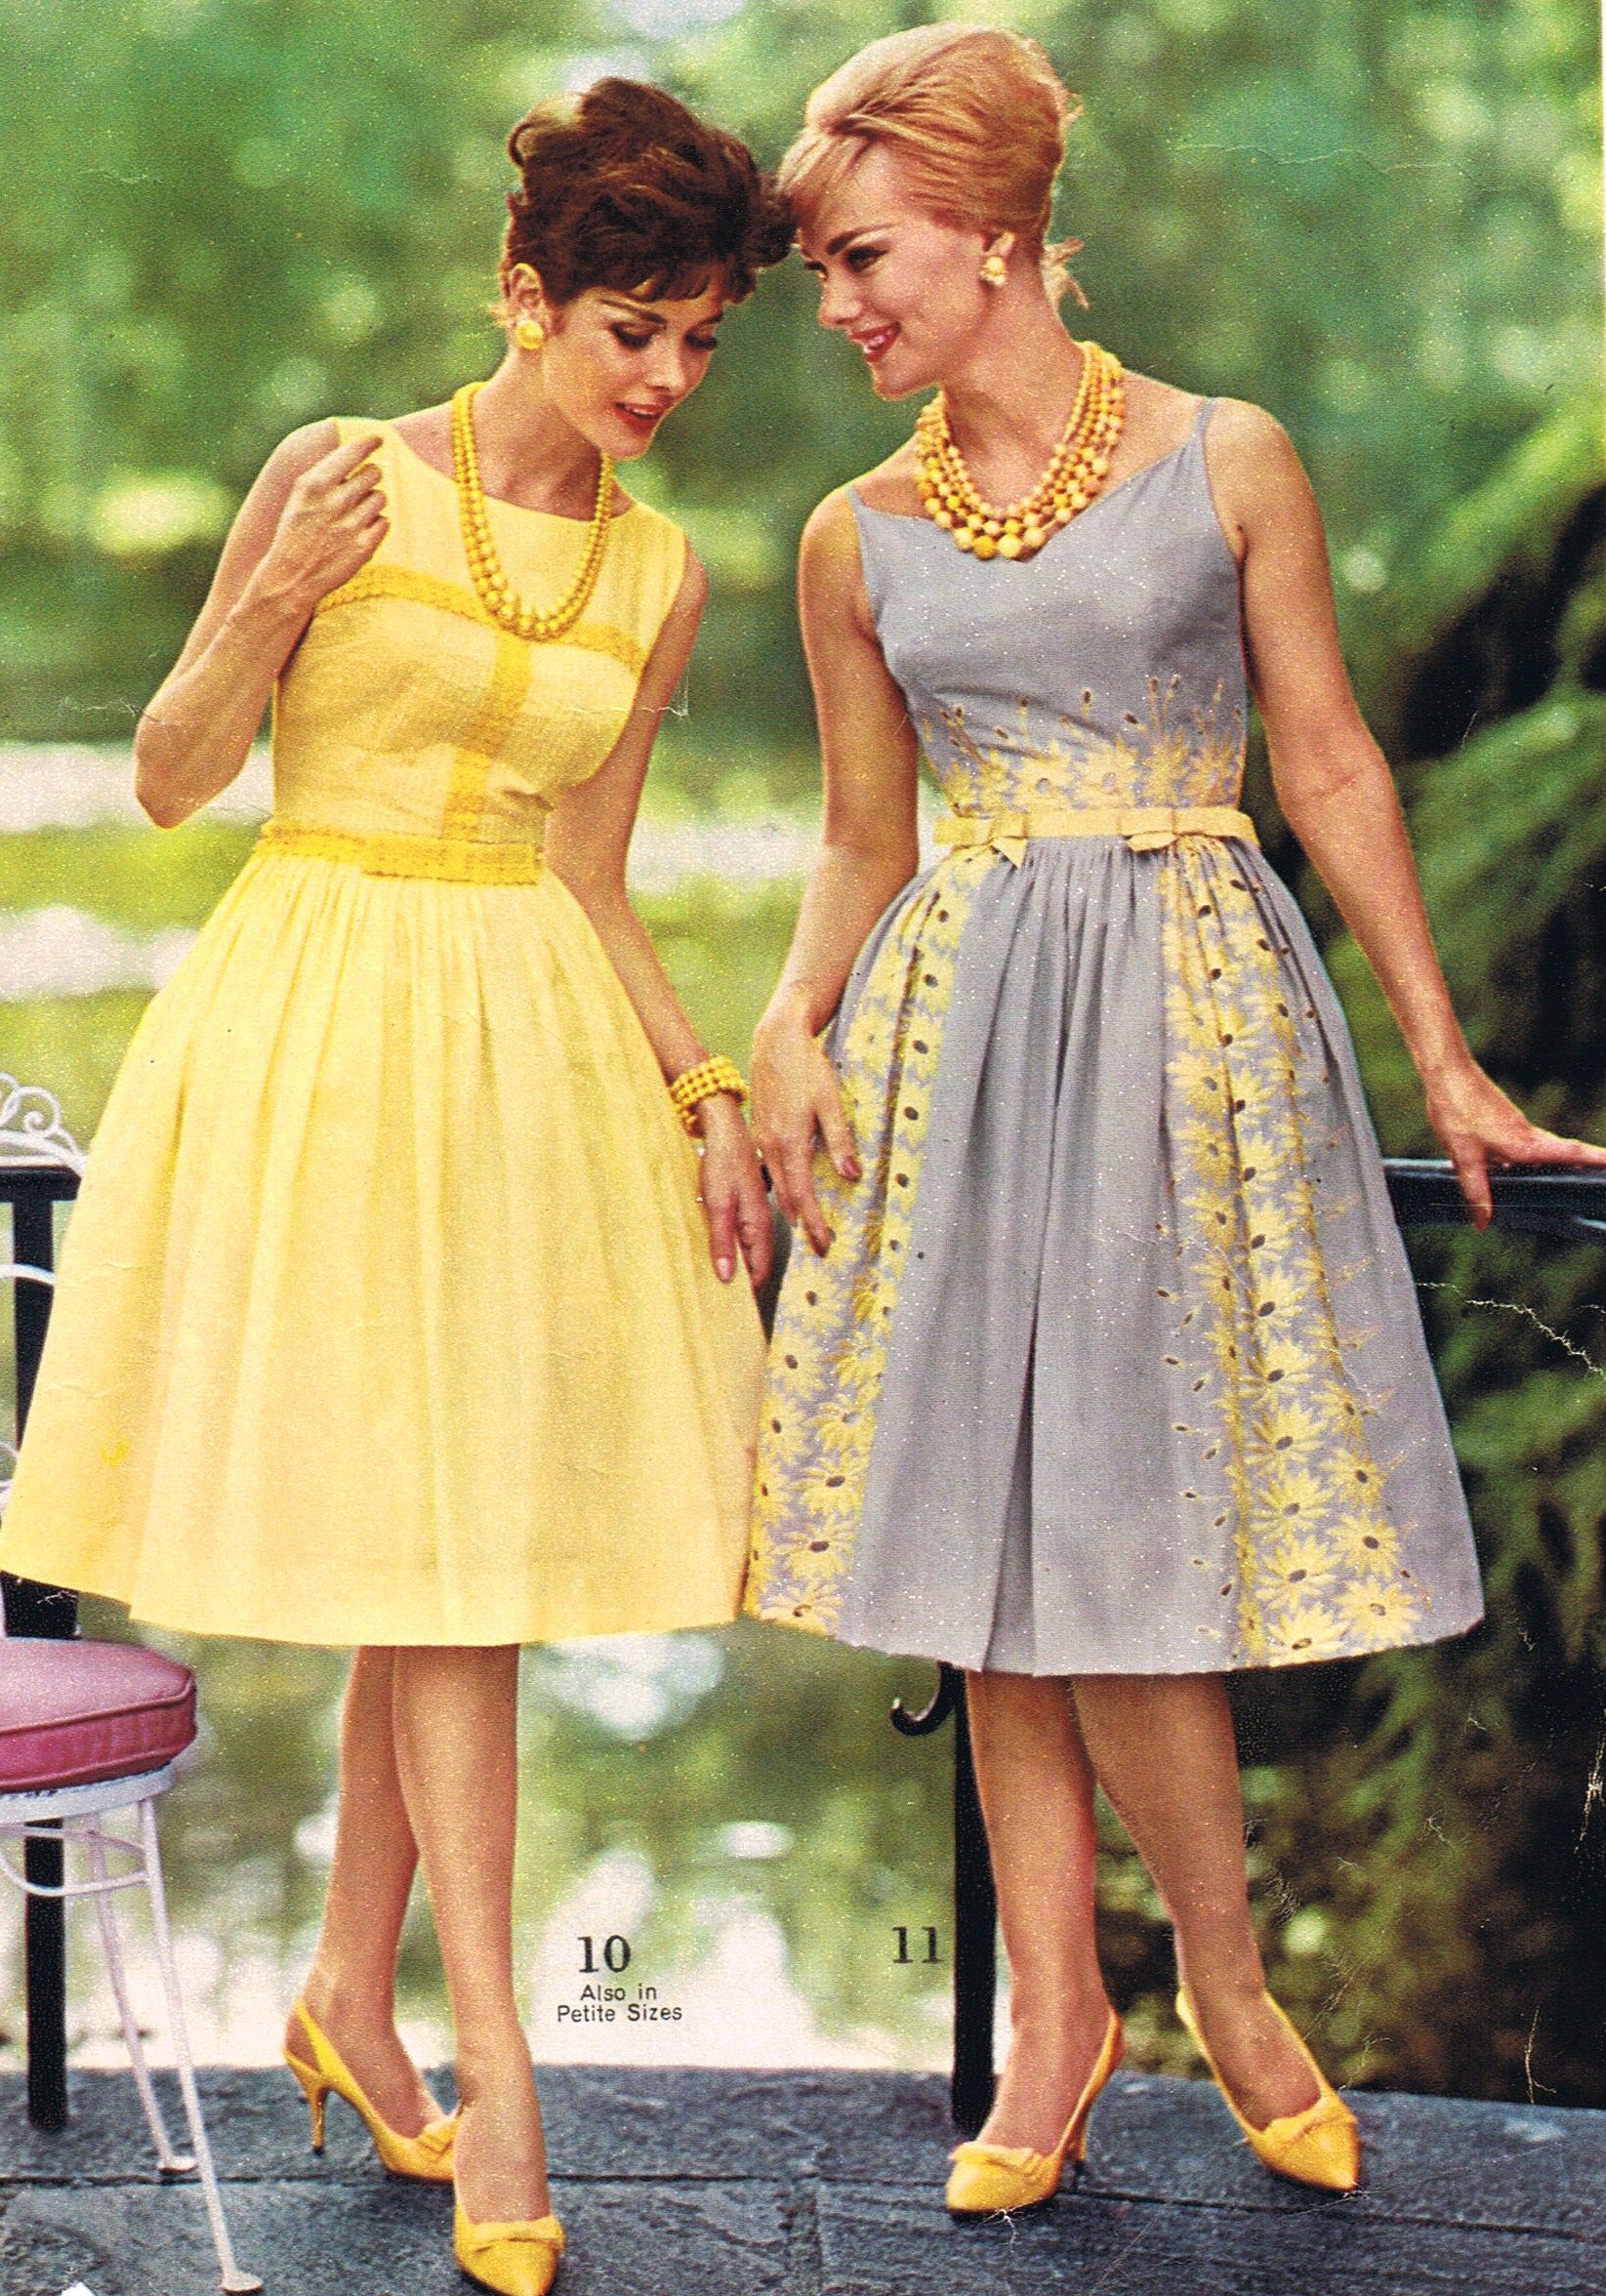 Mid Mod Party Dresses Spiegel 1962 1960s Fashion Vintage Dresses Fashion [ 2352 x 1645 Pixel ]